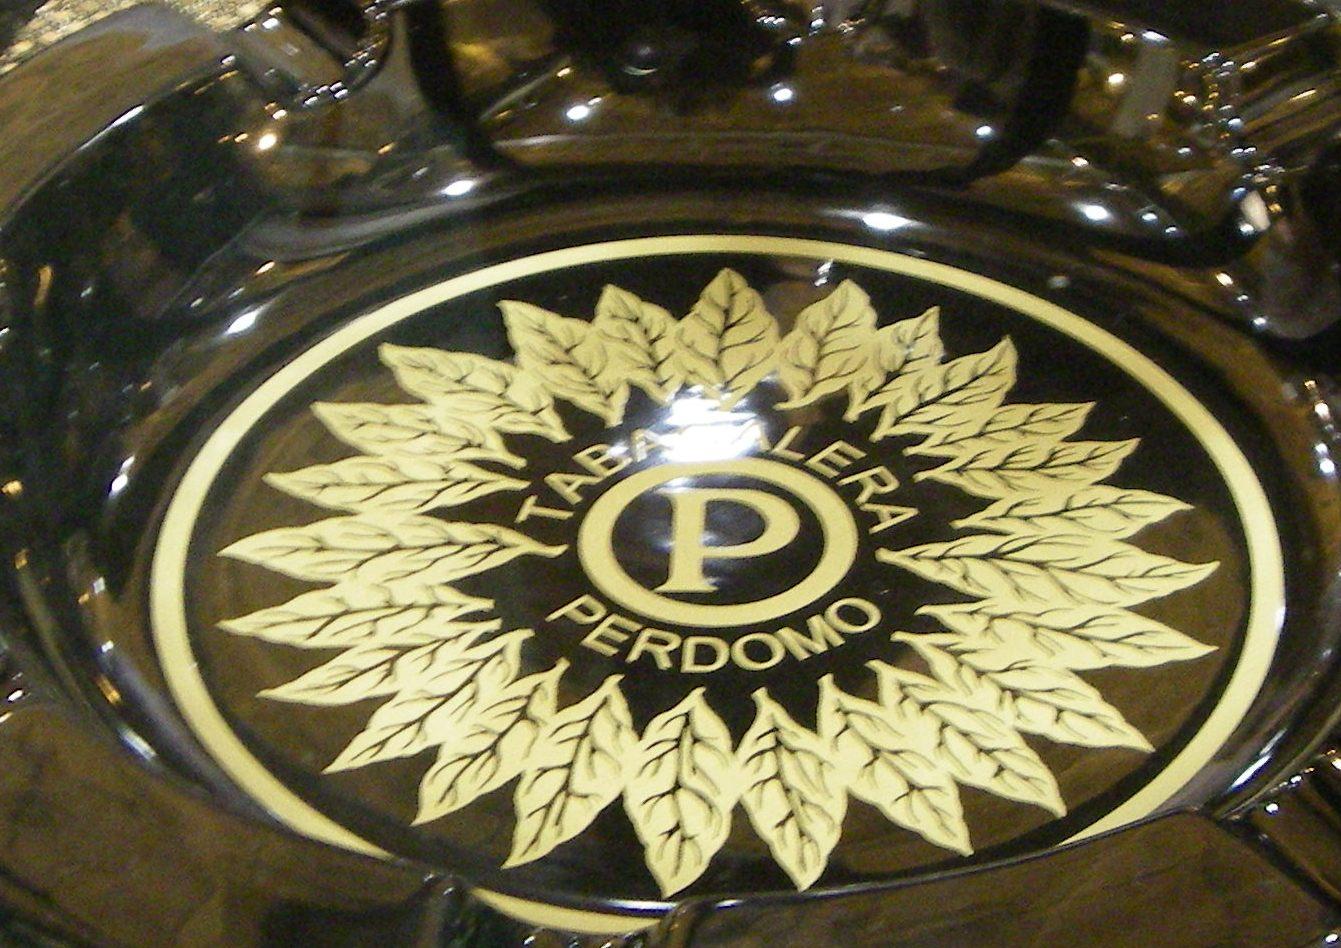 Cigar Preview: Perdomo Exhibición (Part 24 of the 2011 IPCPR Series)